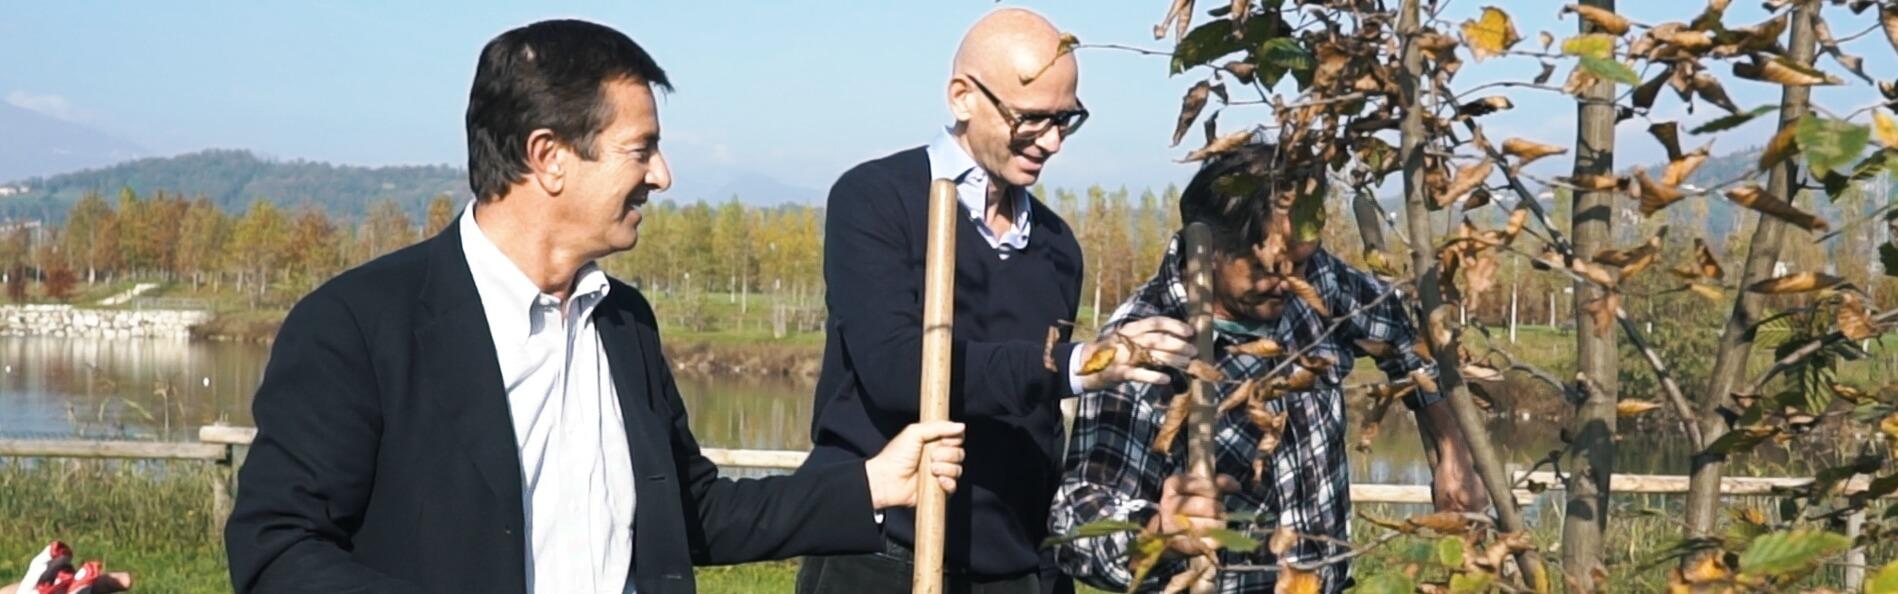 DHL Tree Planting